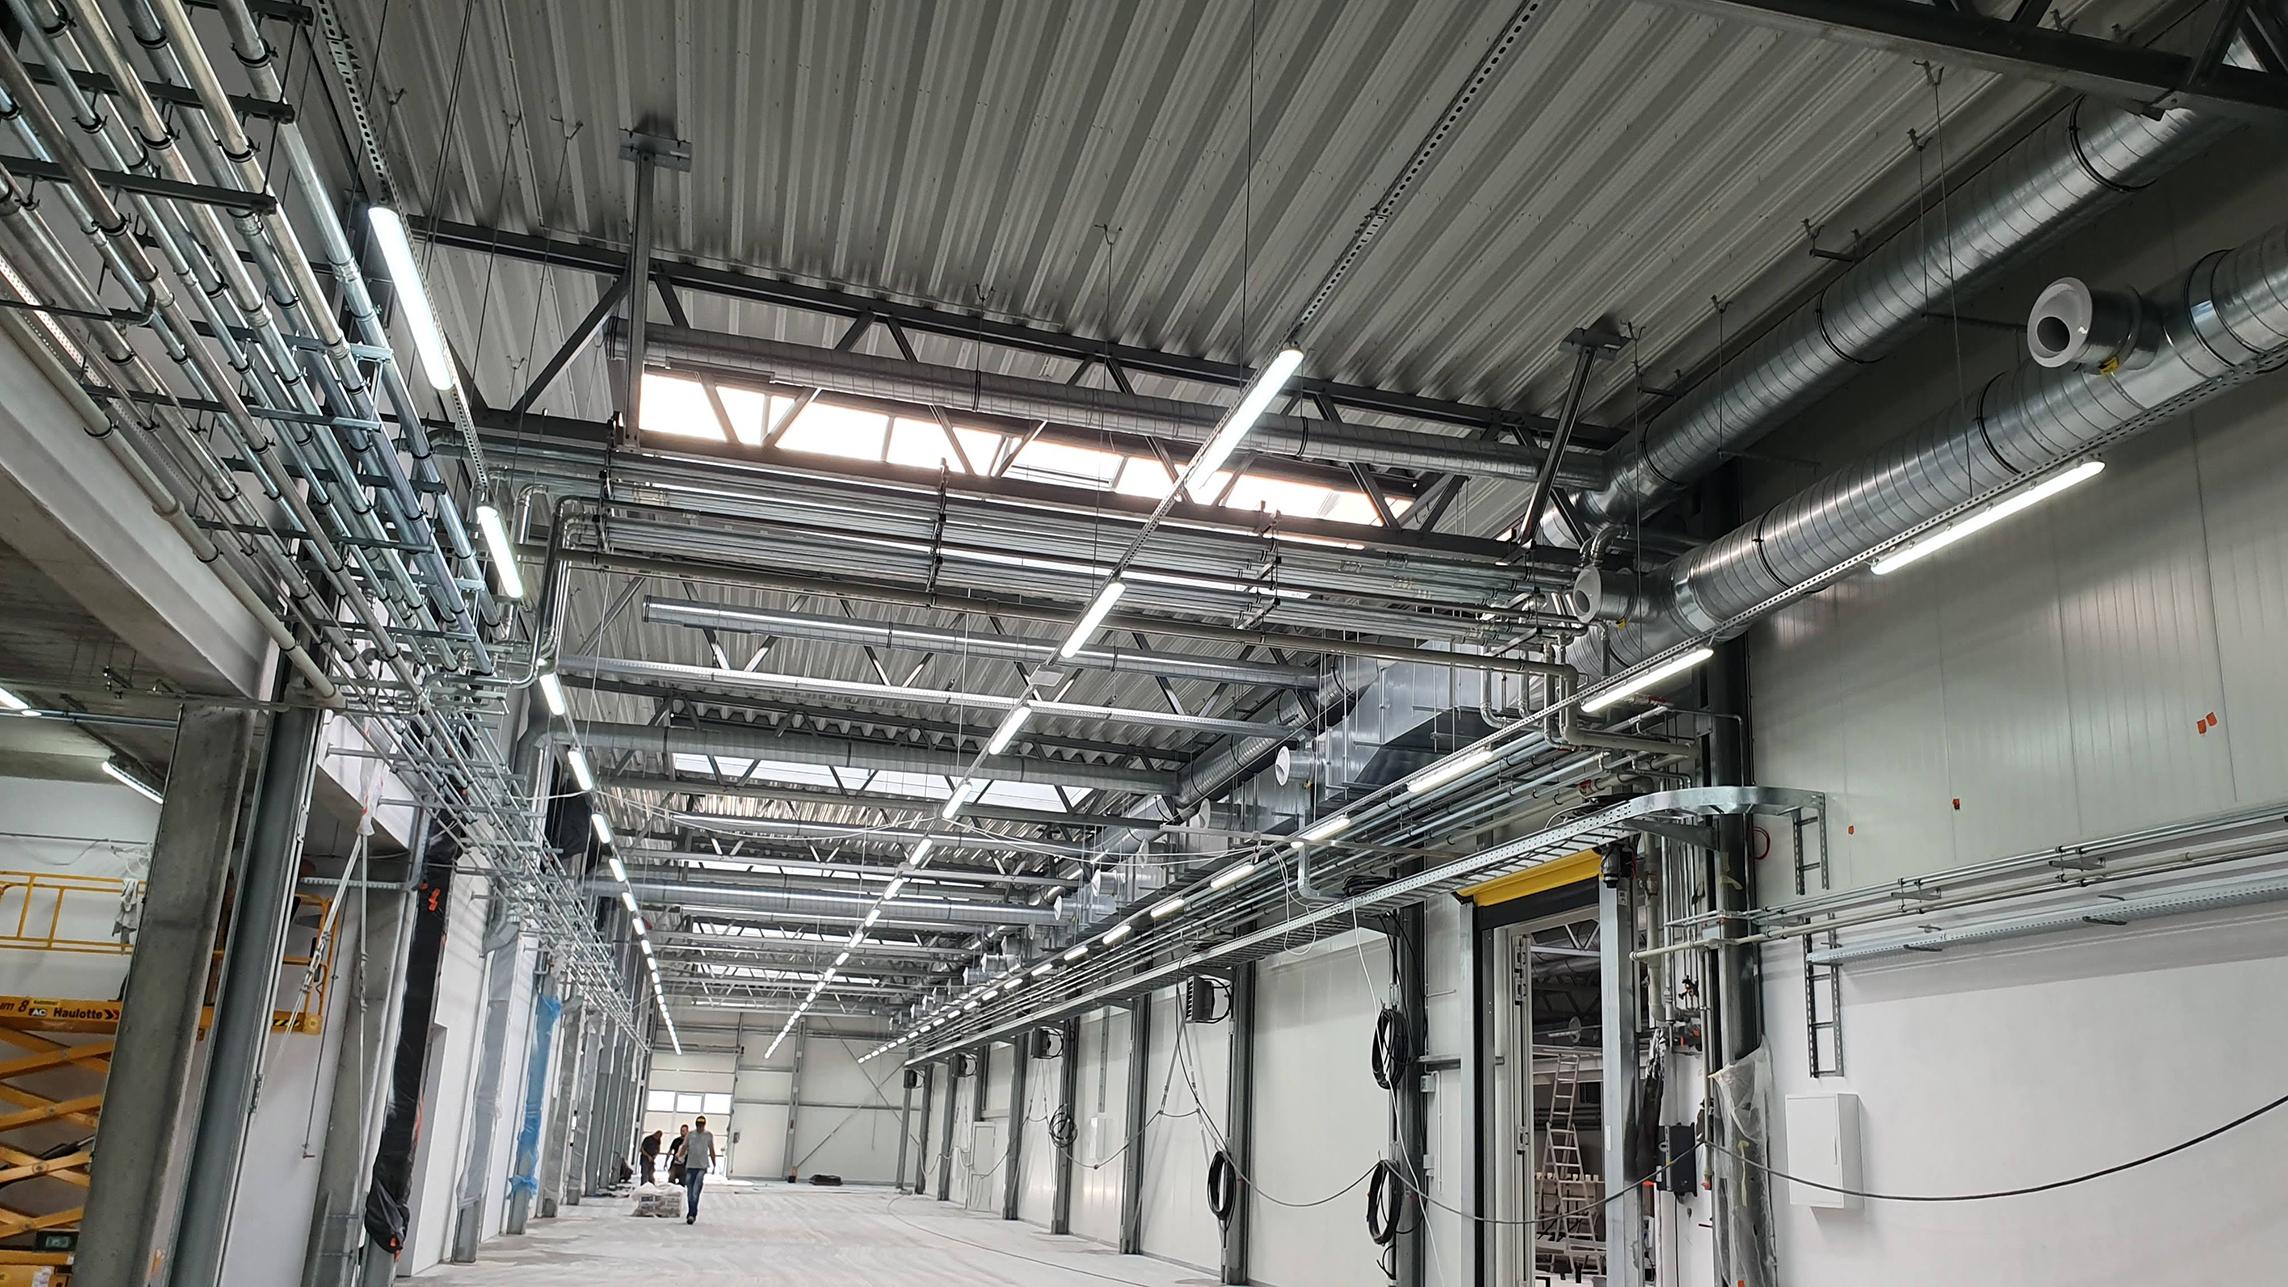 Budowa hali produkcyjnej TRIUMF w Stalowej Woli-1